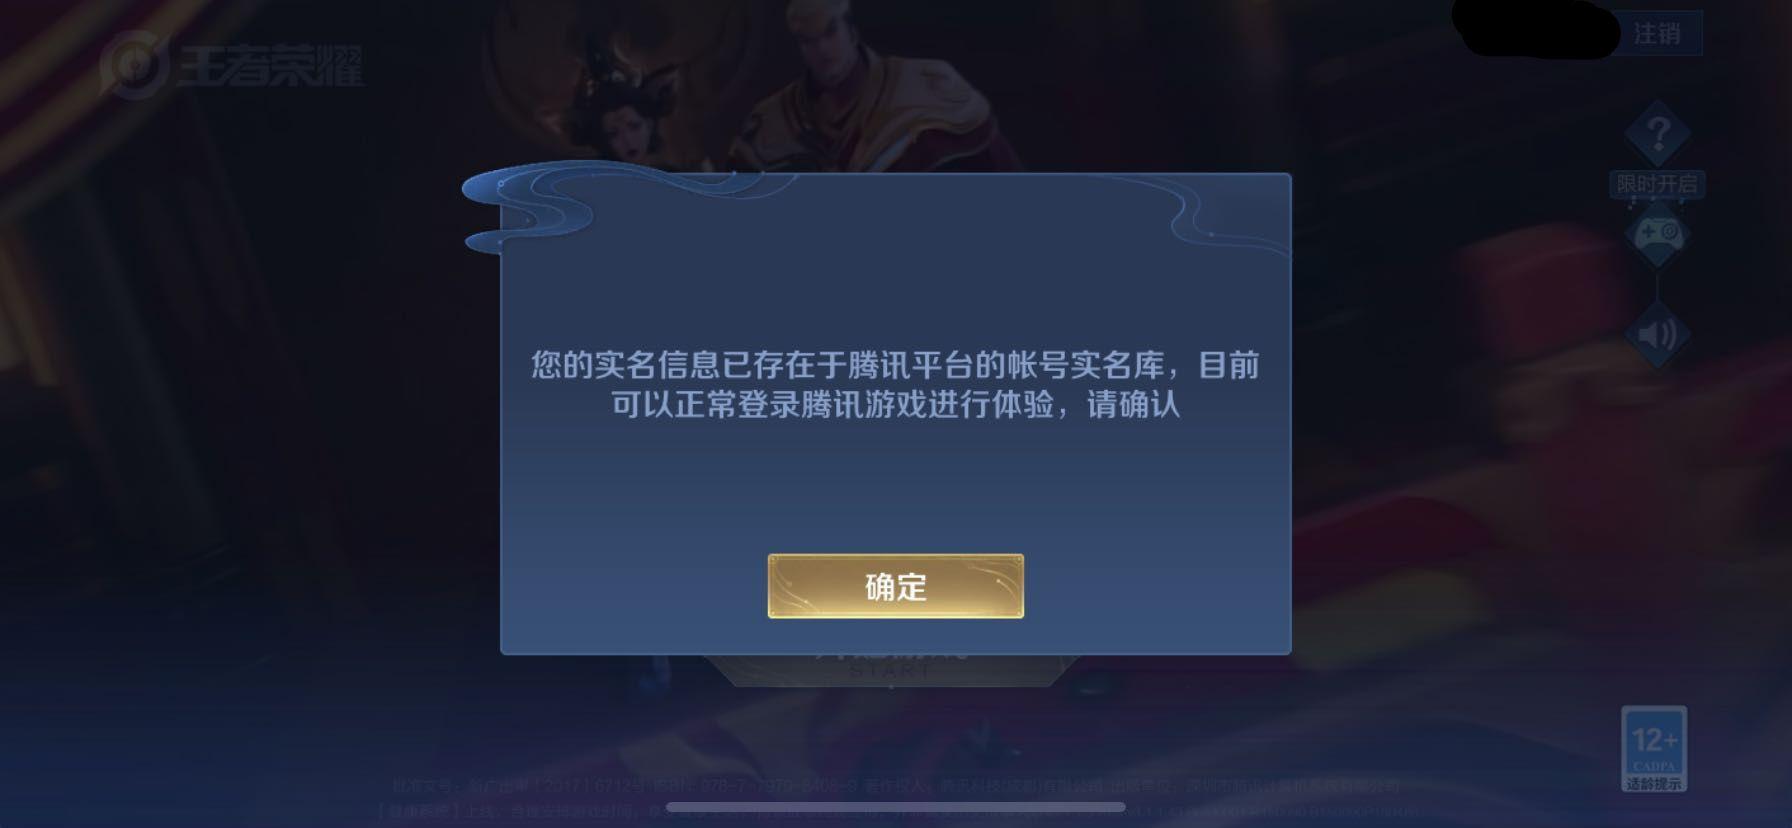 通过微信账号登录游戏,可省略实名